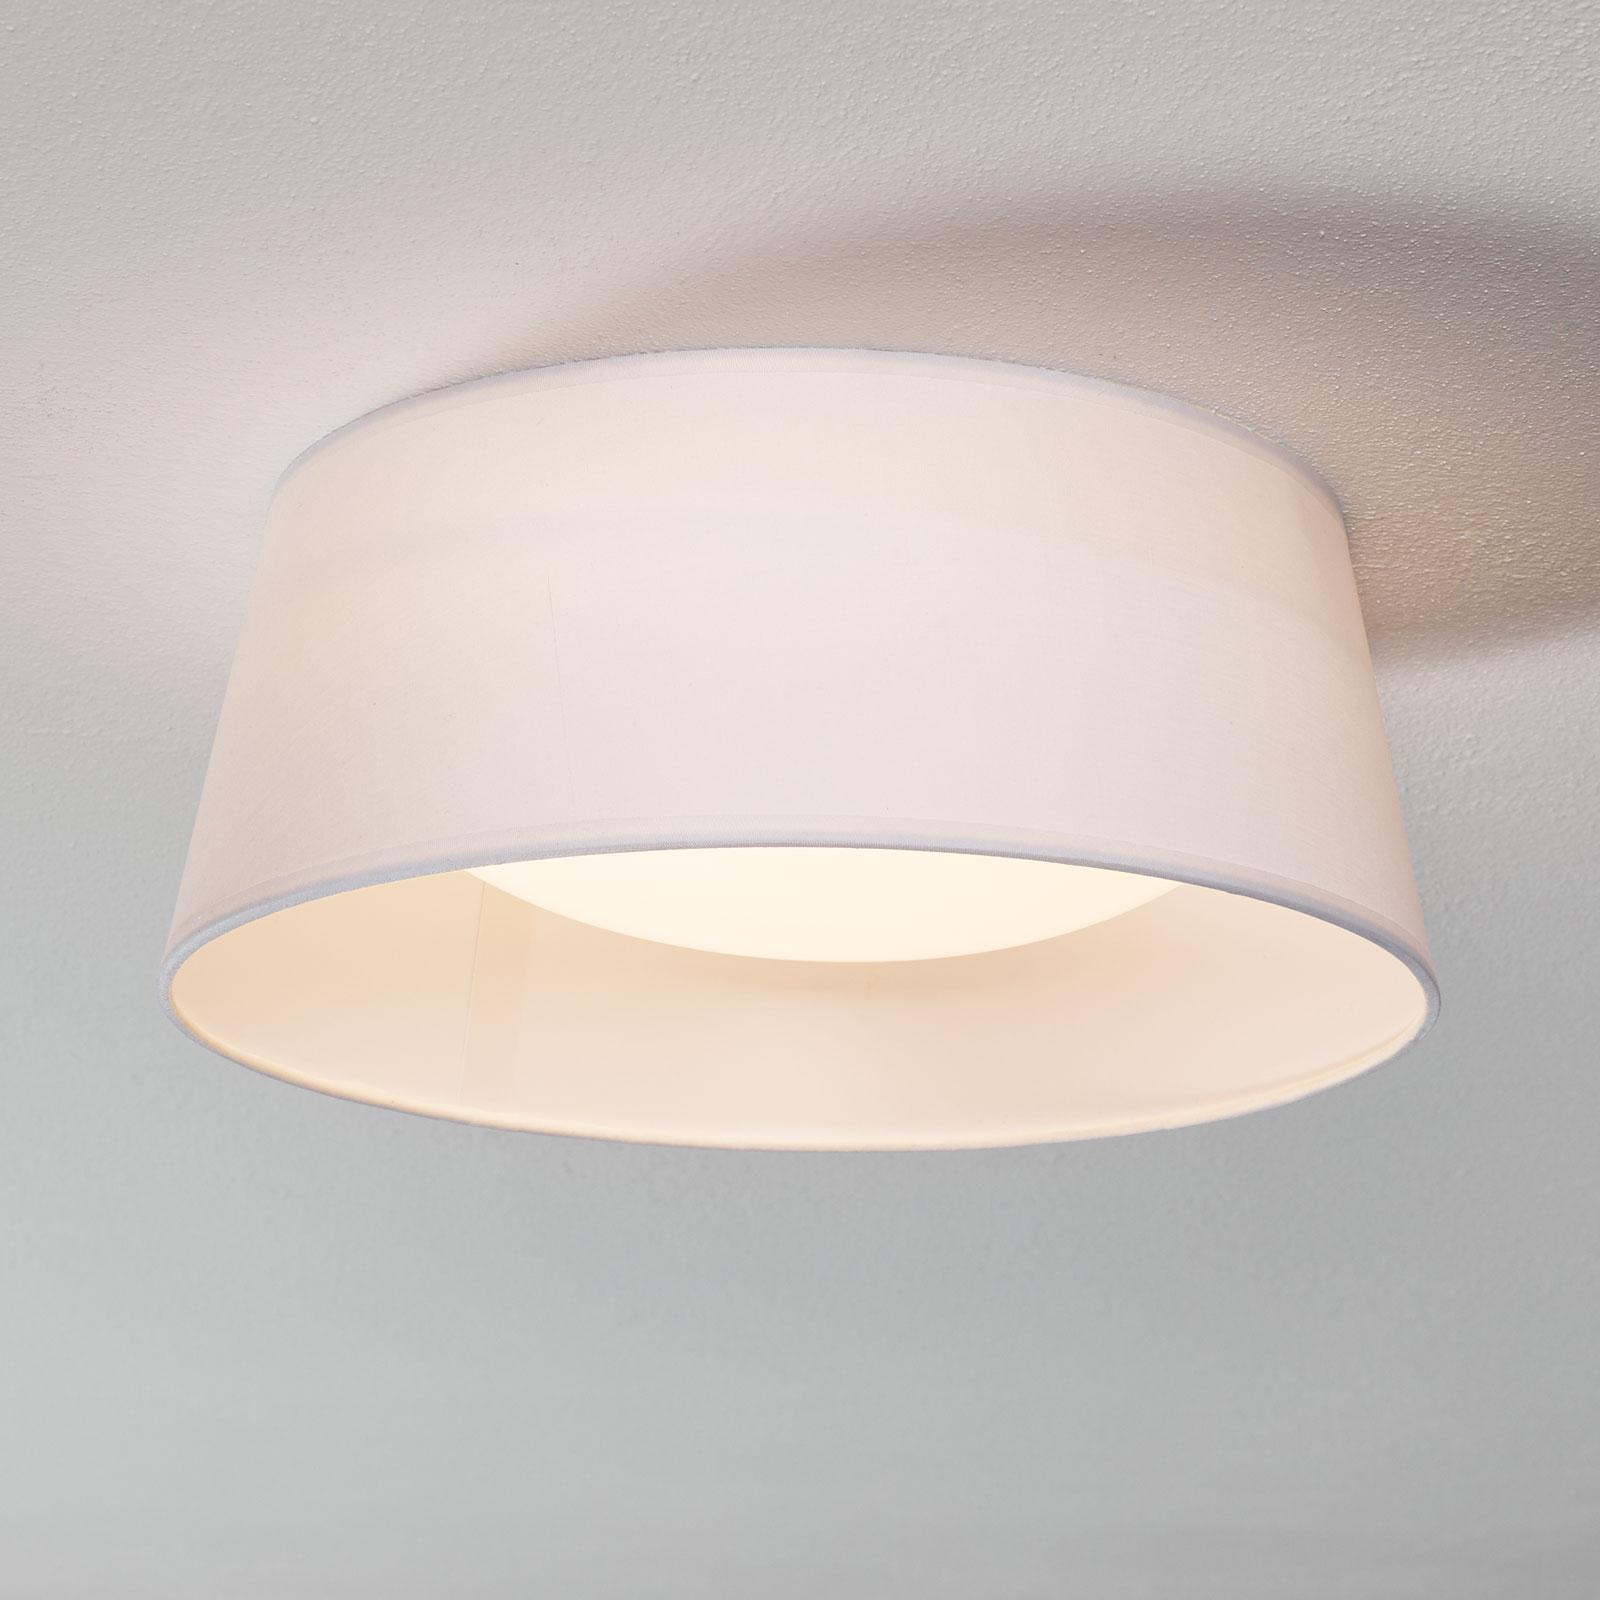 Bílé textilní stropní světlo Ponts s LED